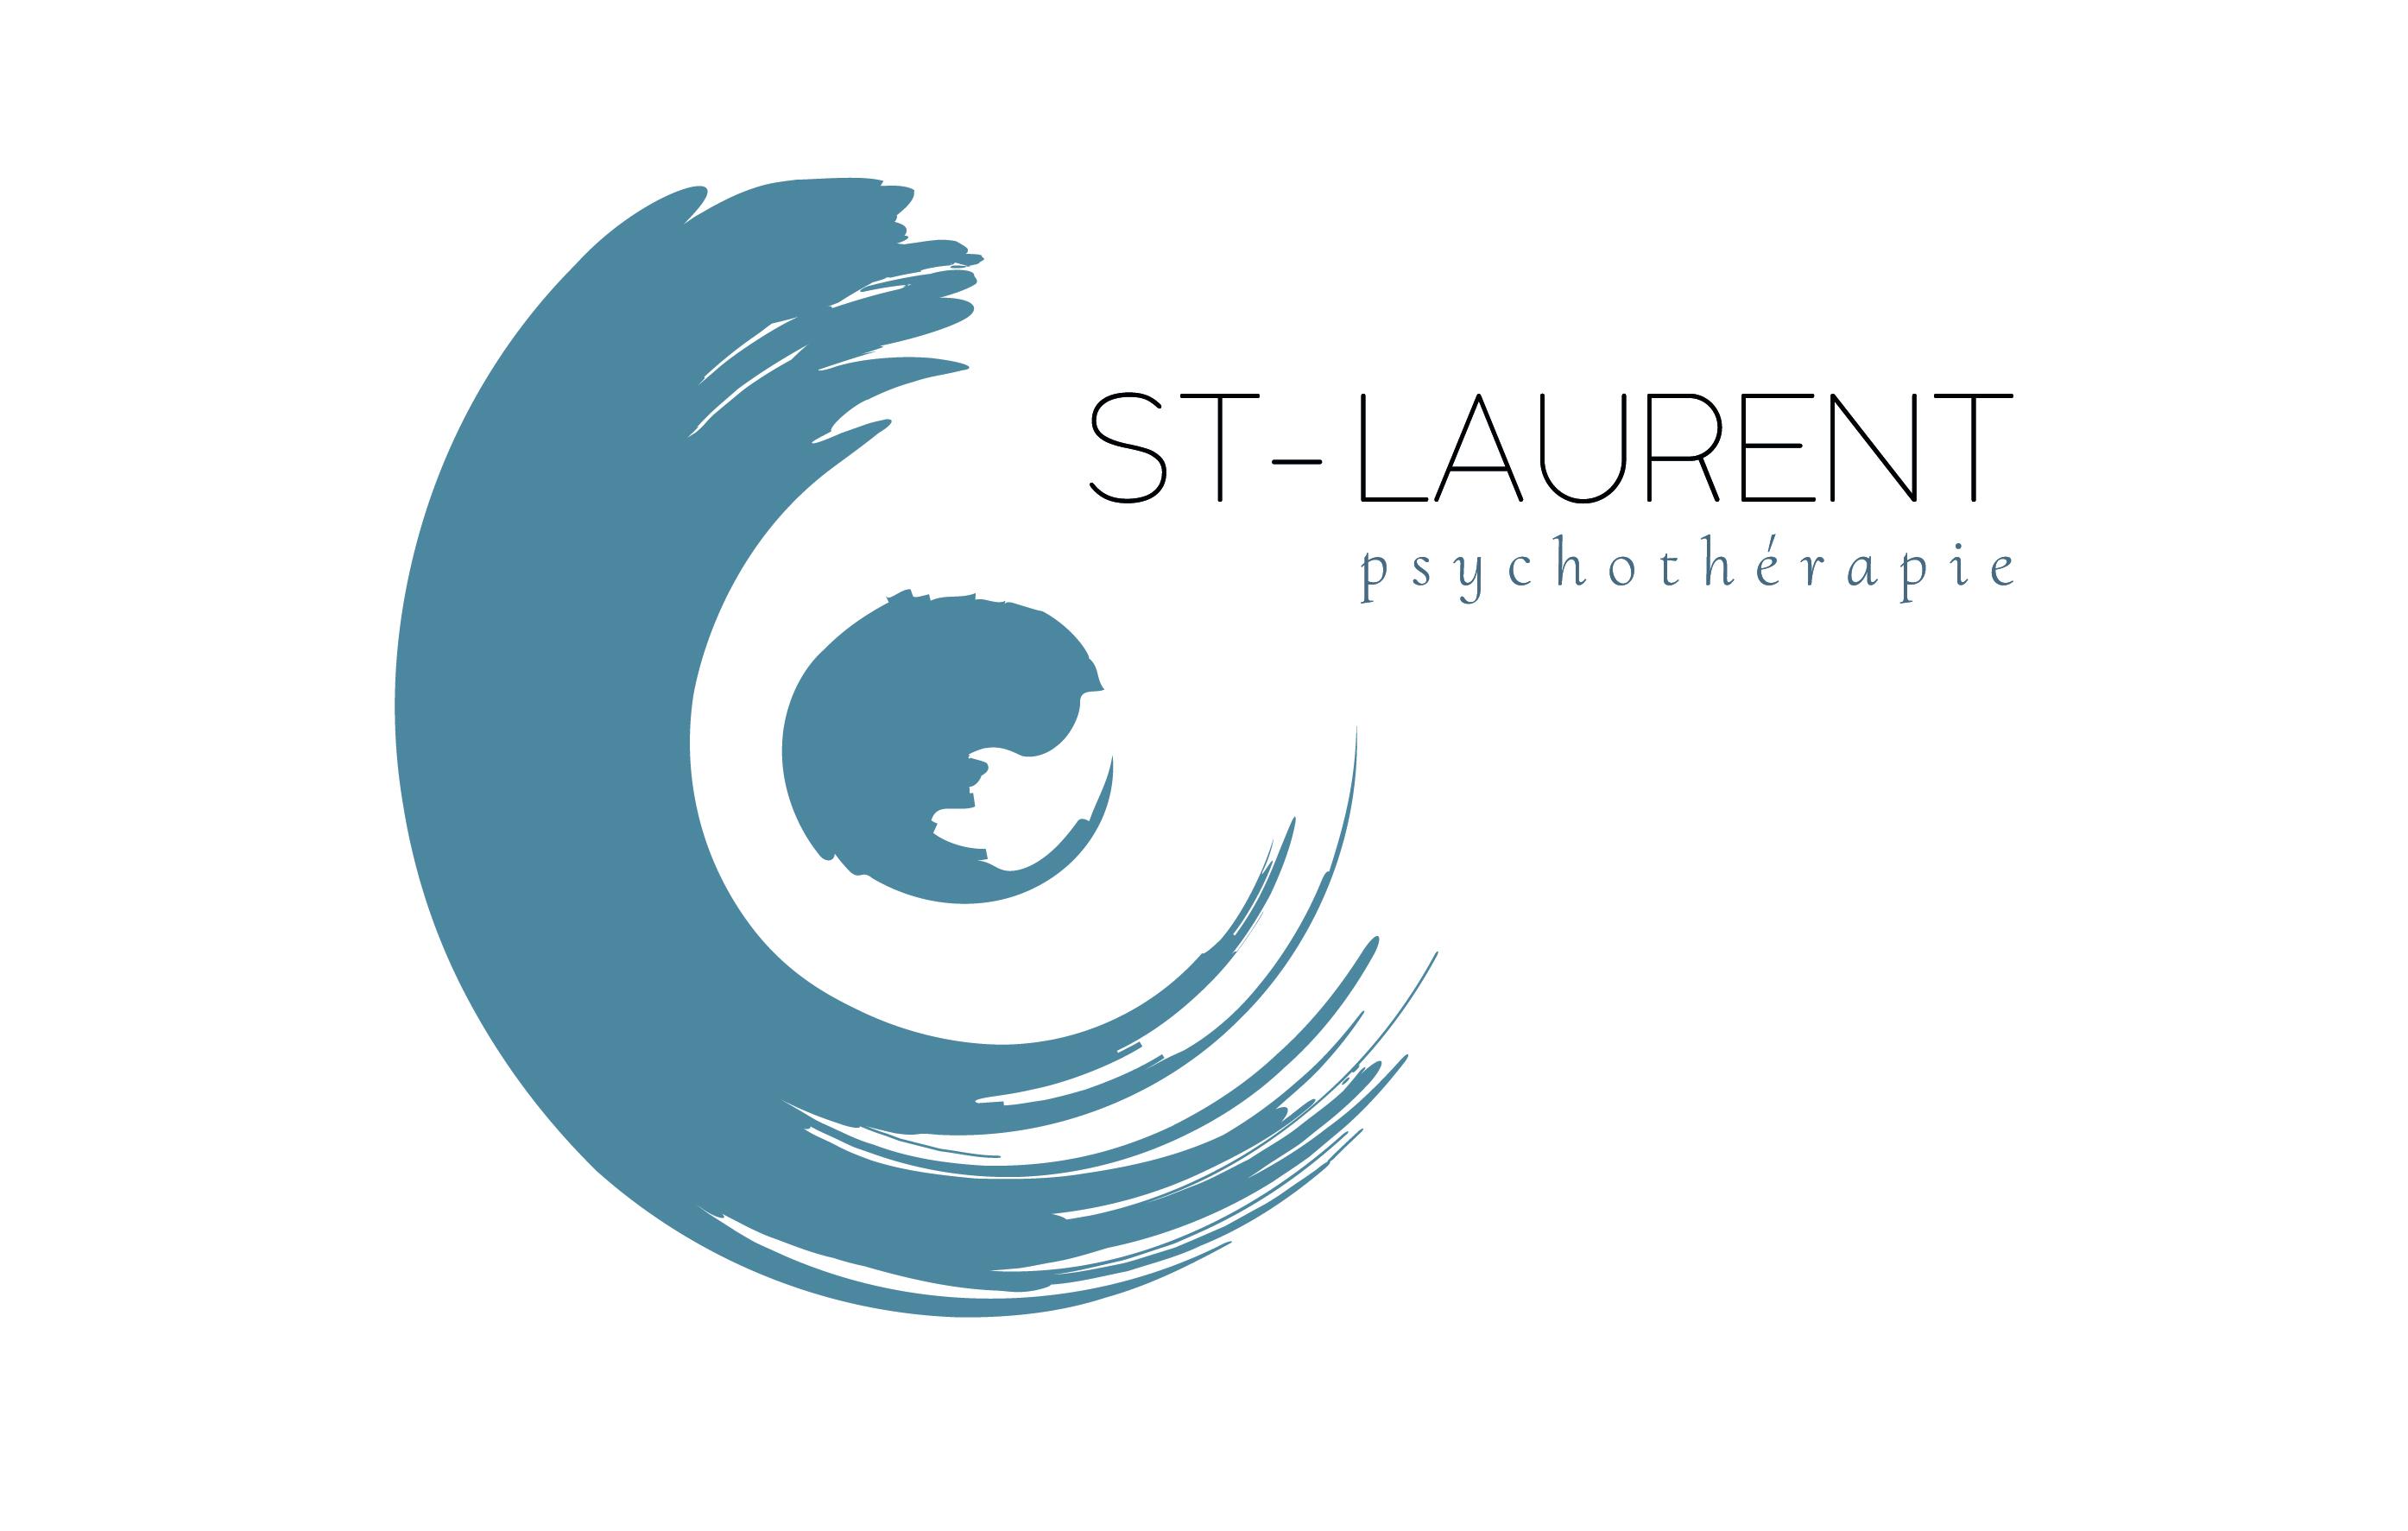 Création du logo St-Laurent psychothérap